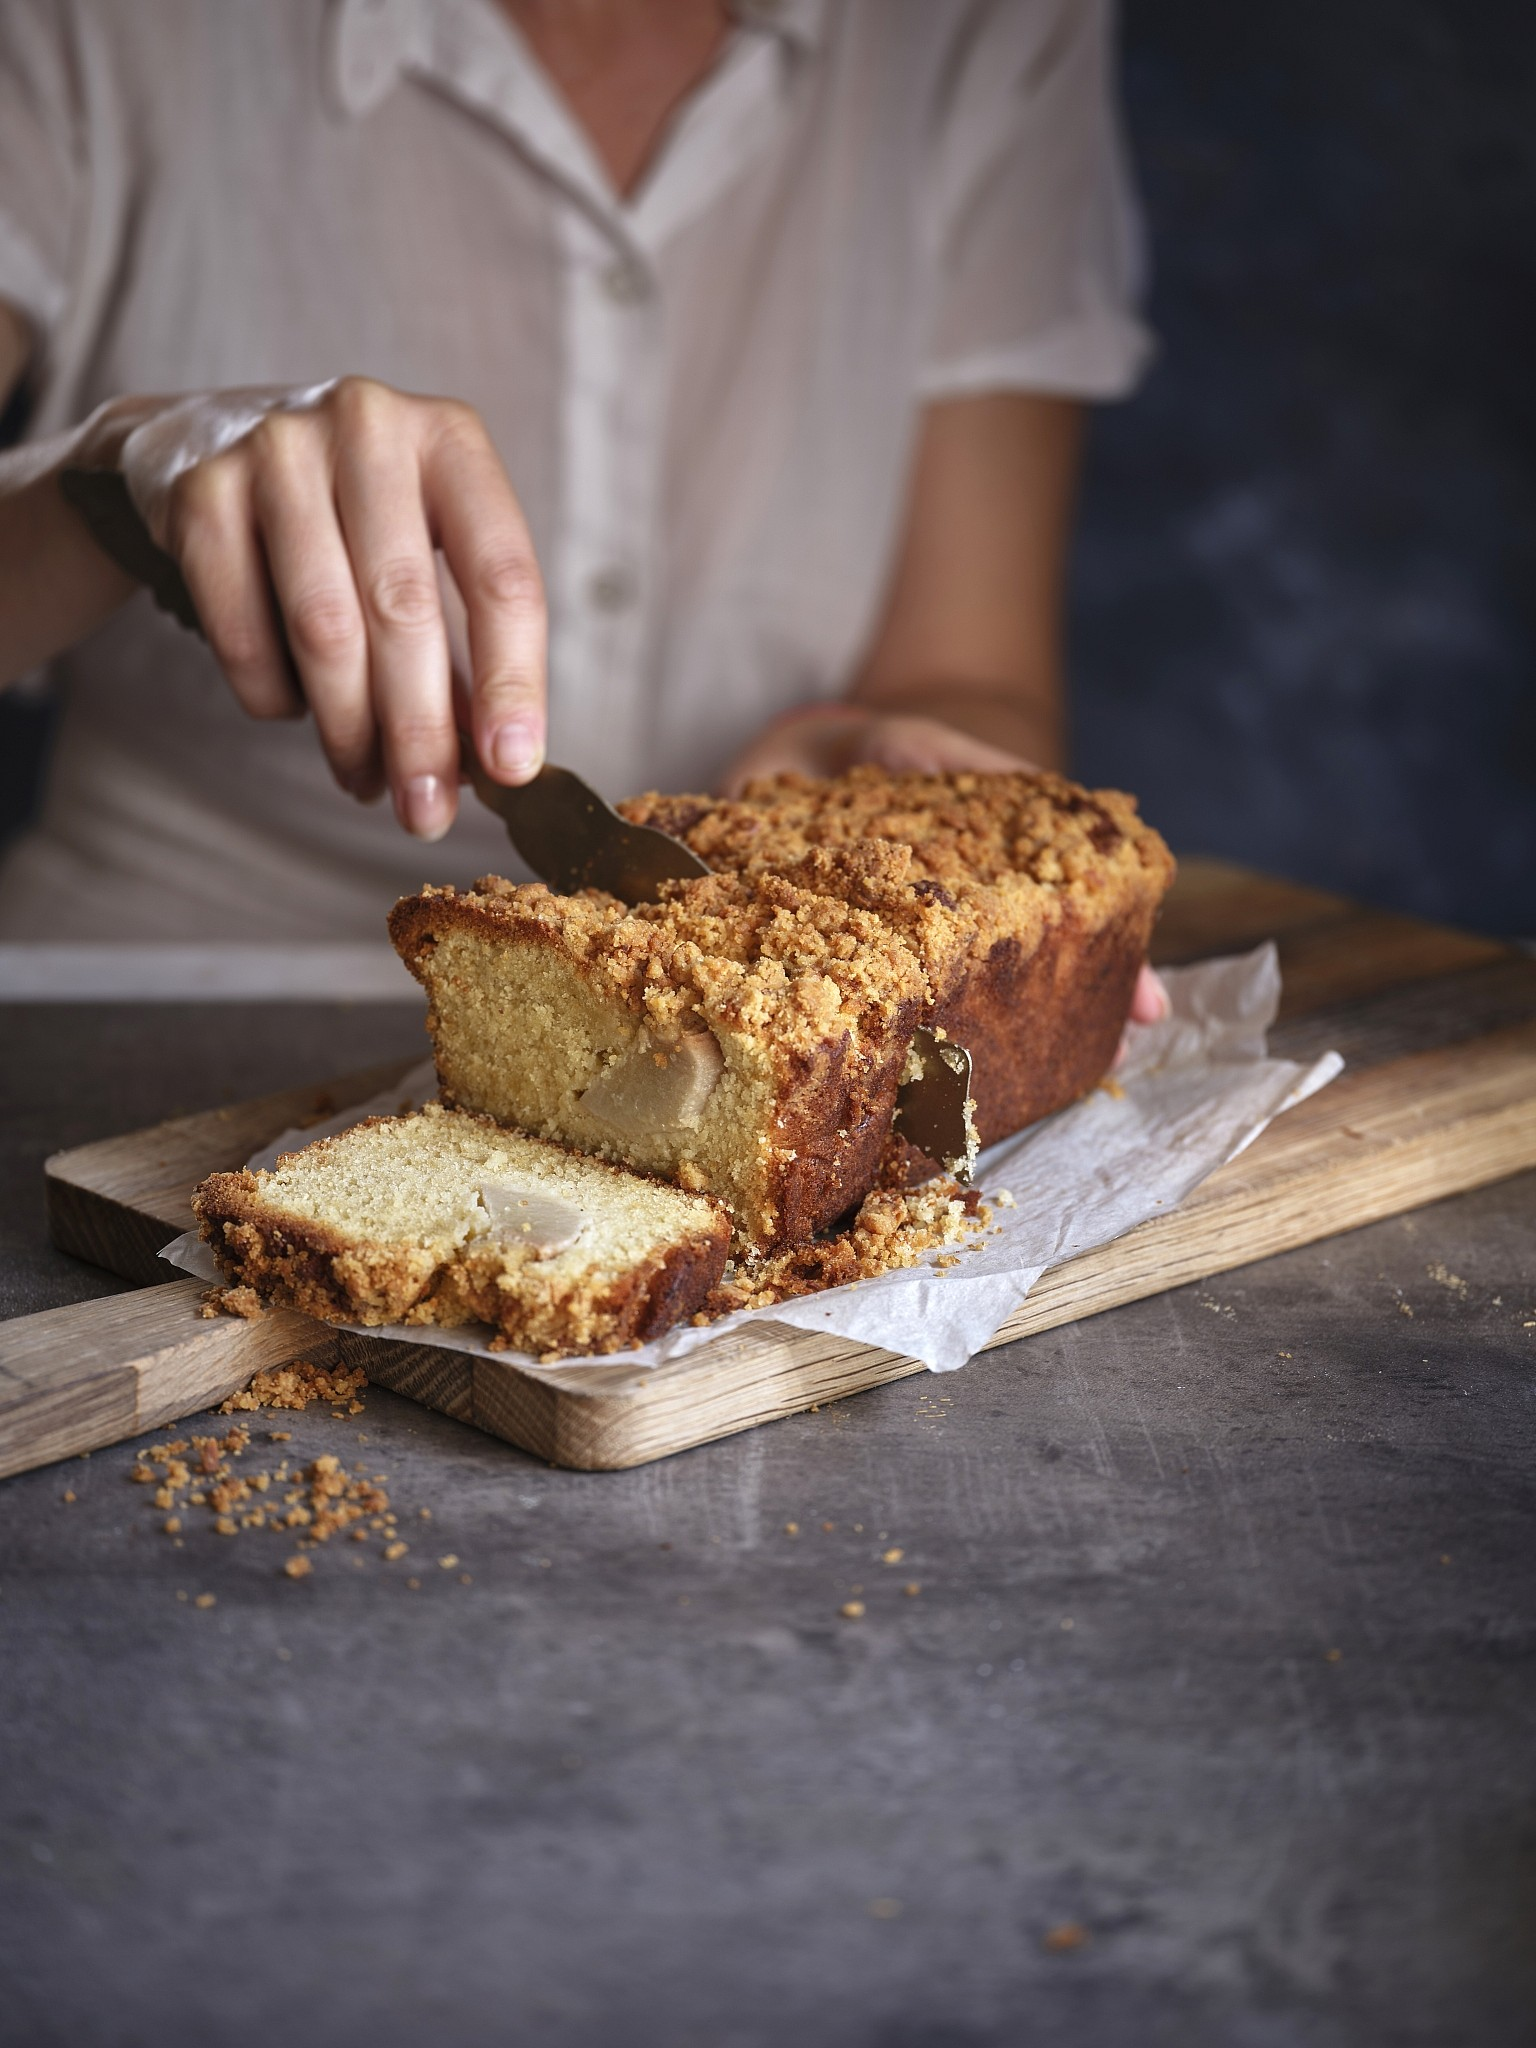 עוגה בחושה של אגסים, מרציפן וקראמבל של שף-קונדיטורית הילי גרינברג. צילום: אנטולי מיכאלו. סטיילינג: דינה אוסטרובסקי וירדן יעקובי